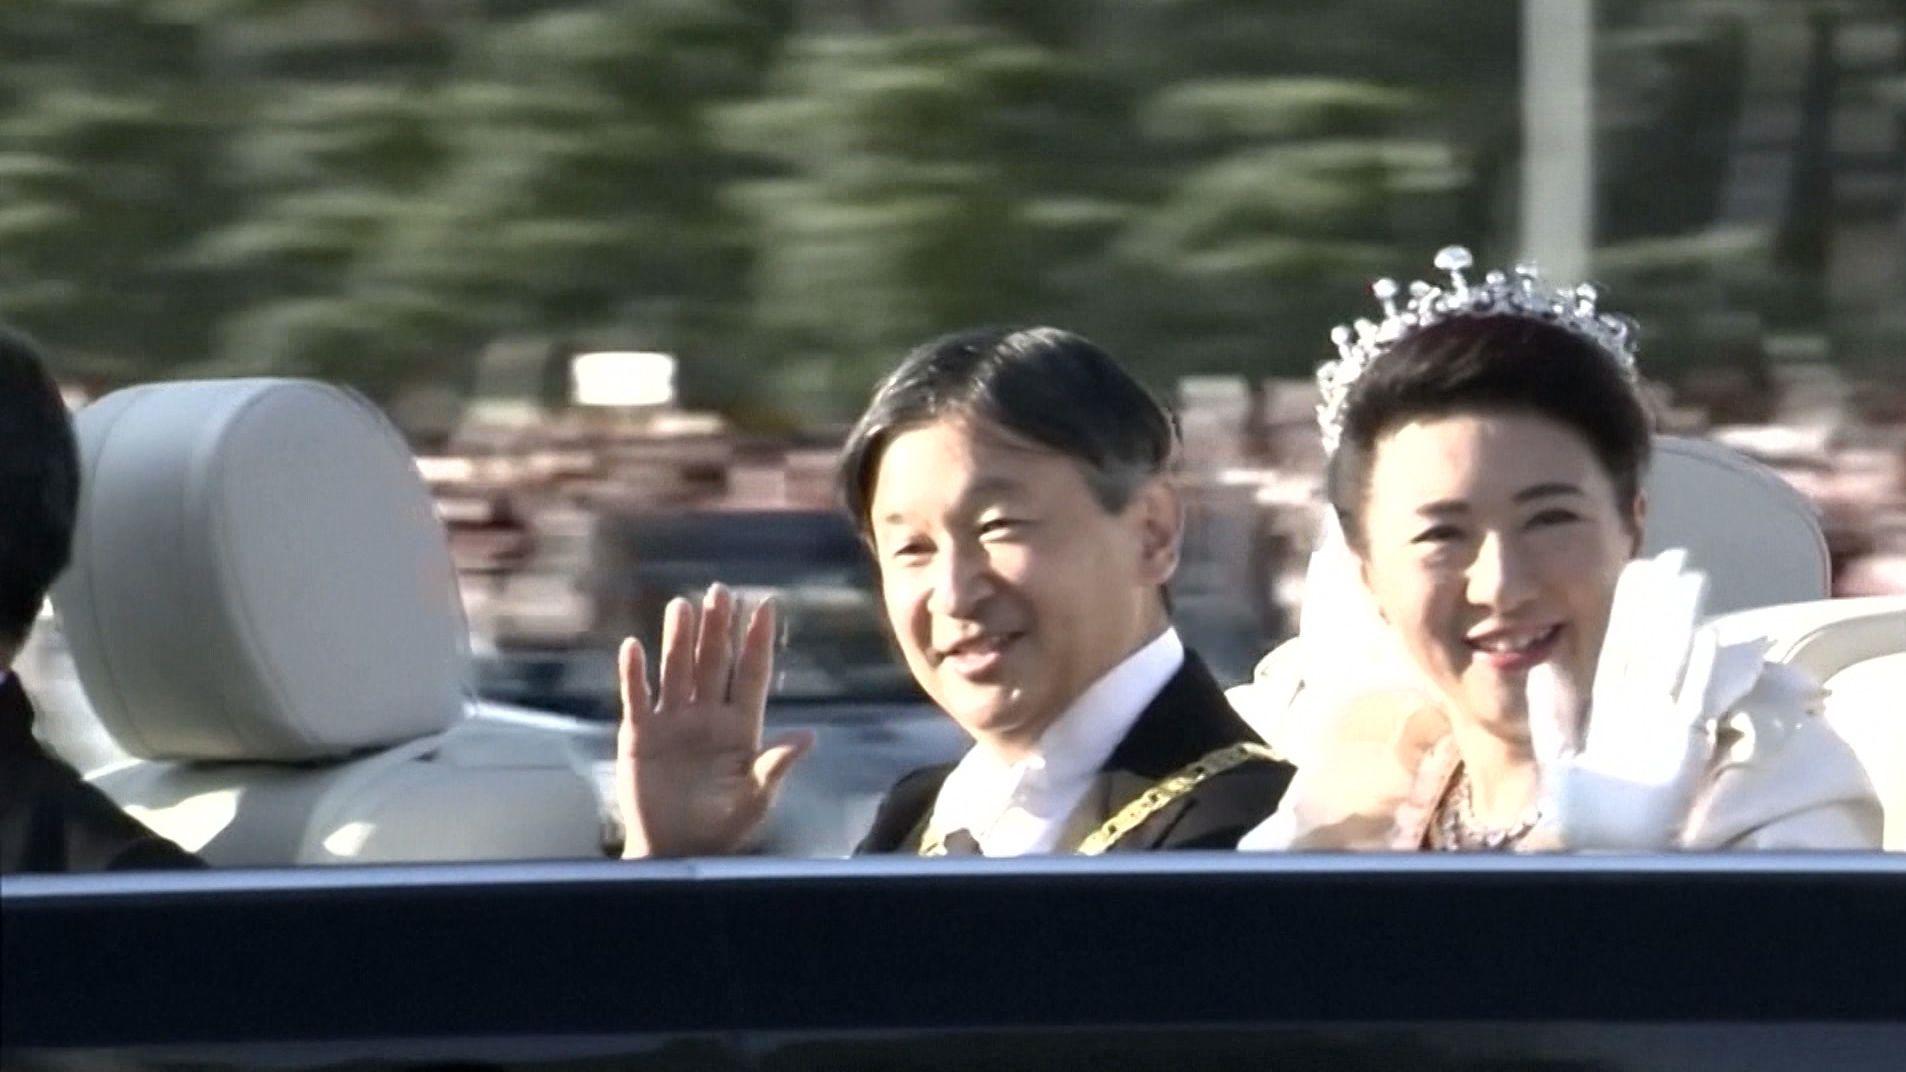 Kaiserpaar in Japan von der Menge gefeiert